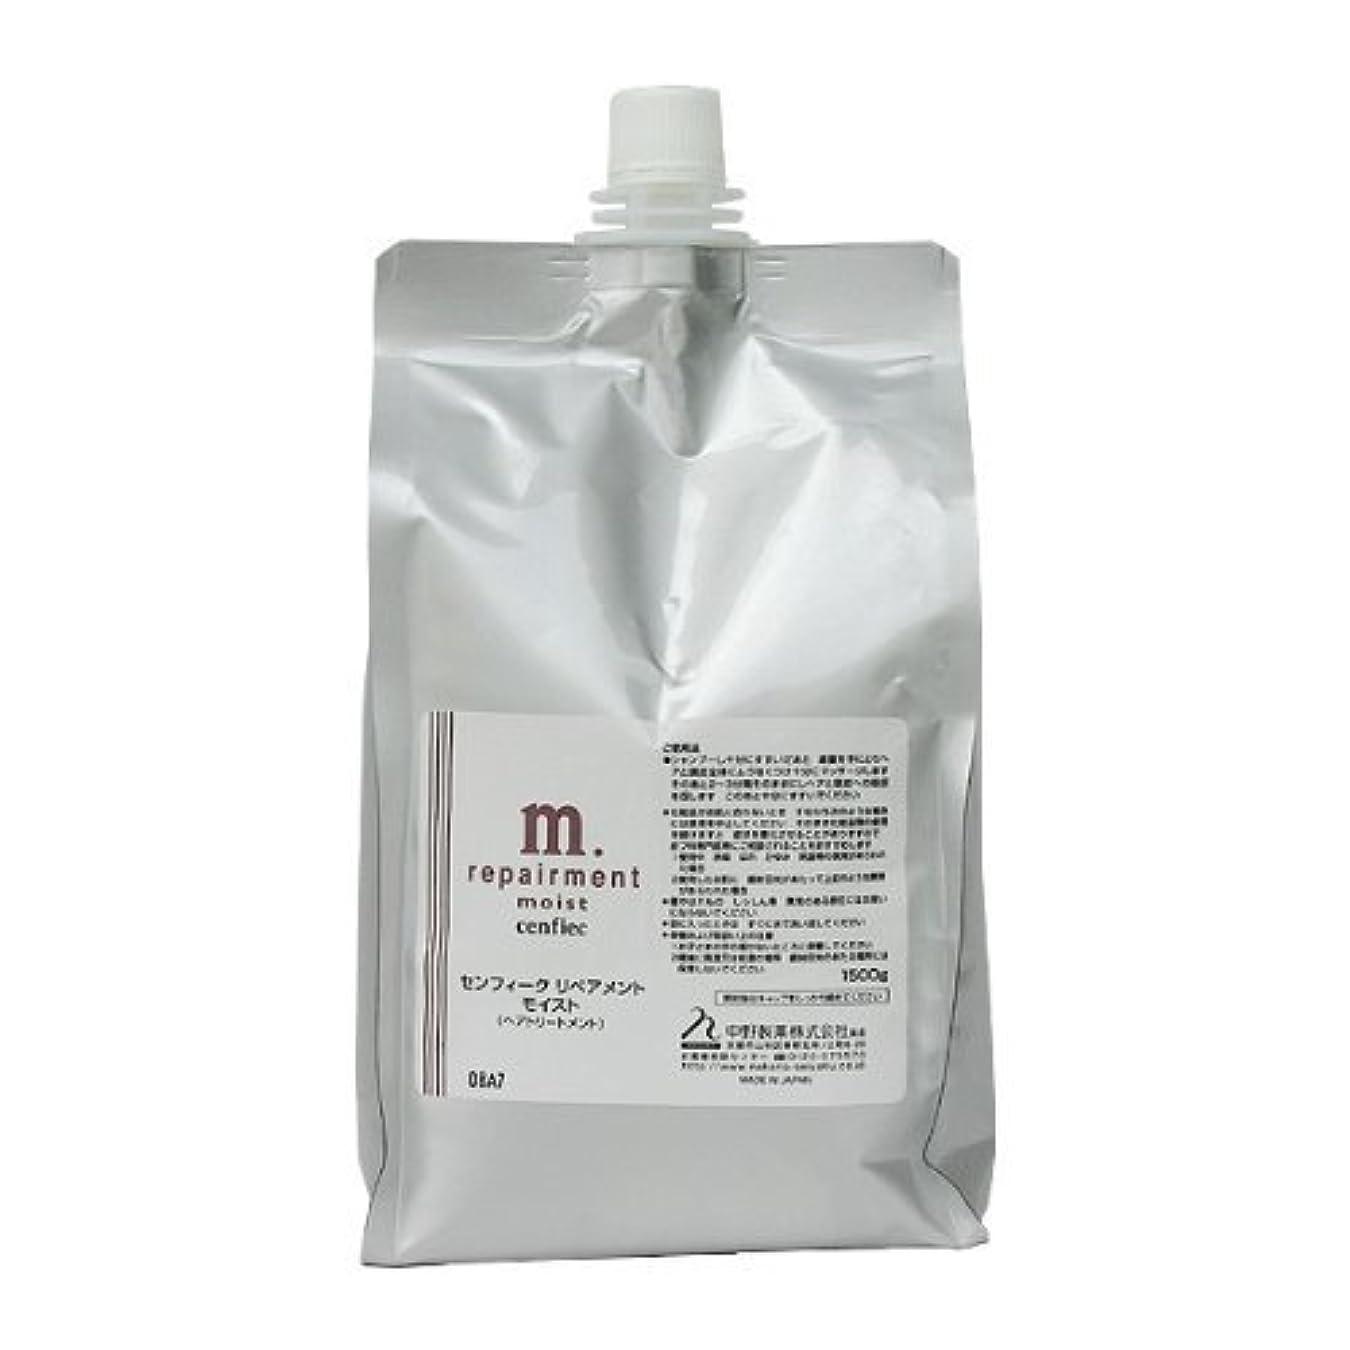 腹チェリー柱中野製薬 センフィーク リペアメント モイスト レフィル 容量1500g